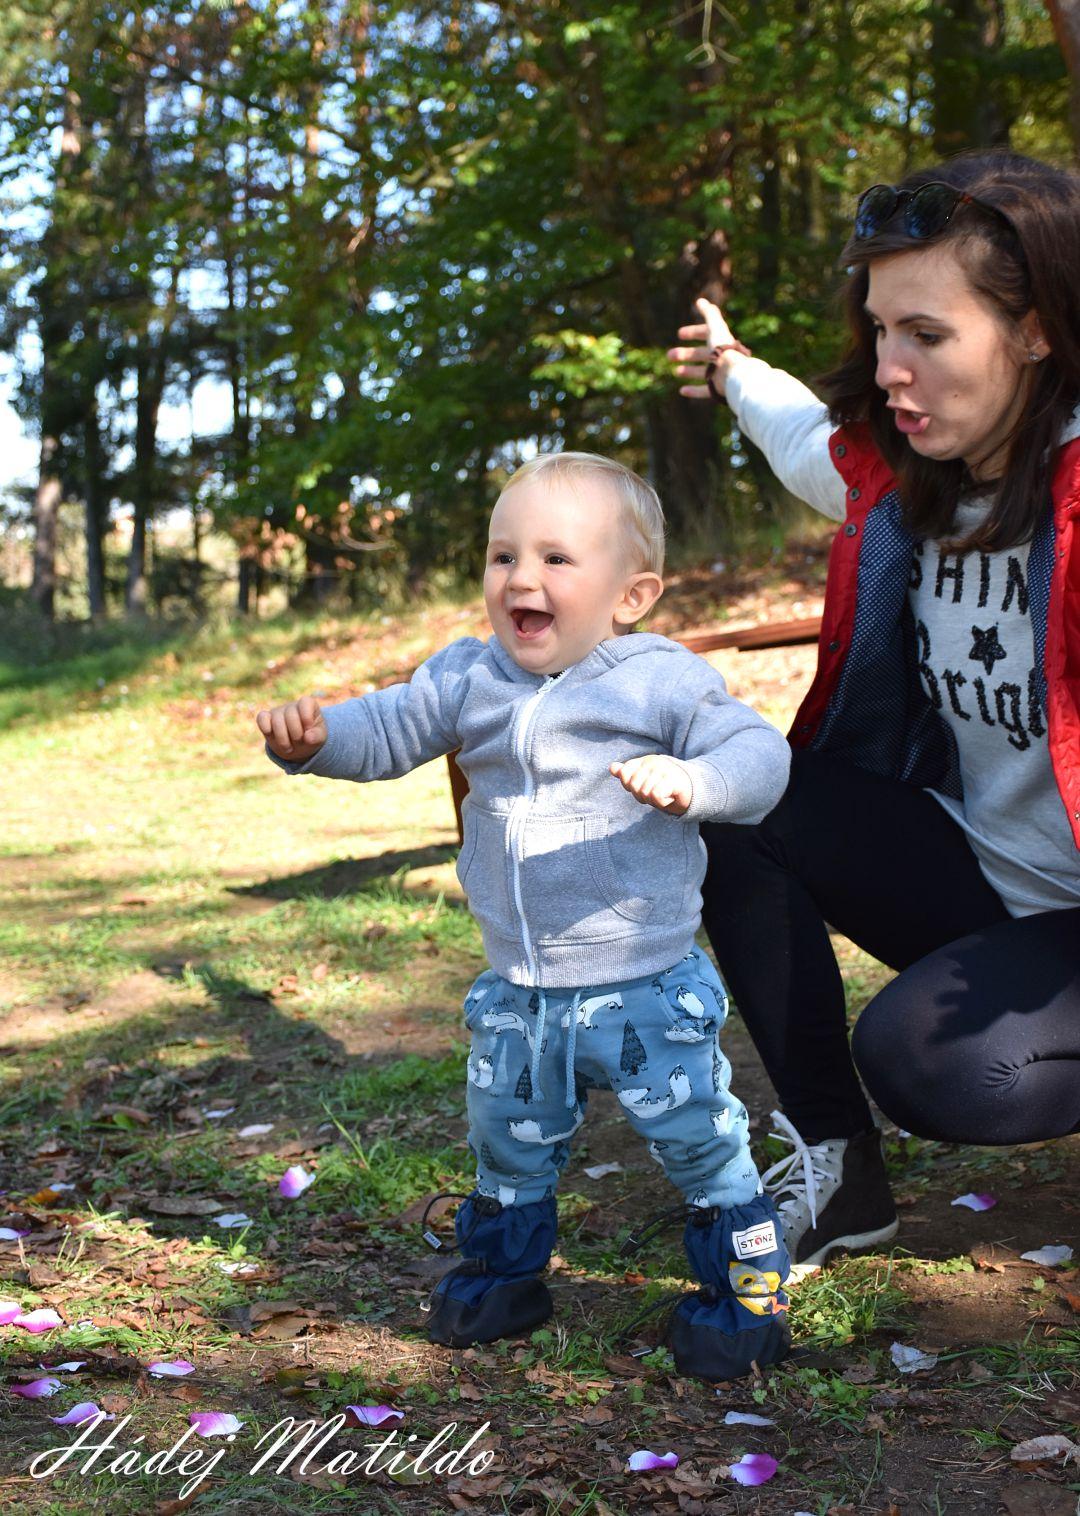 práce po mateřské, práce v HR, návrat do práce, práce a mateřská dovolená